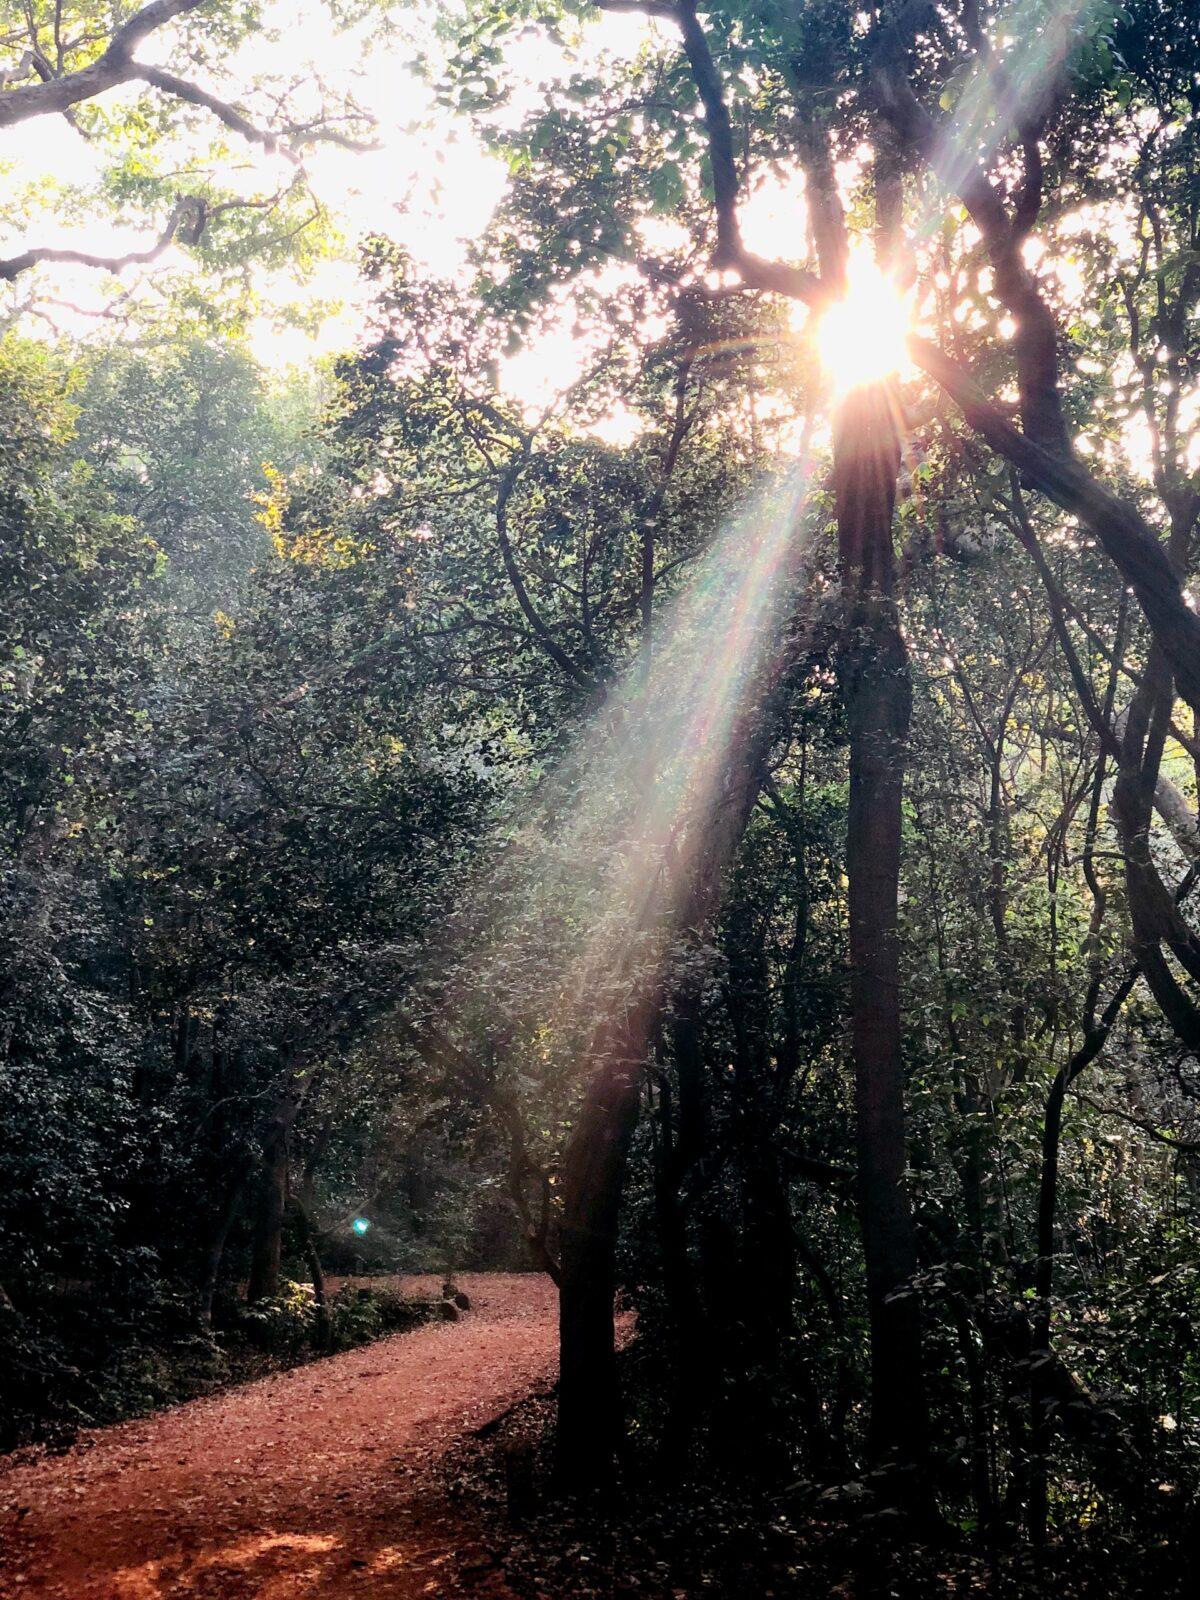 Bæredygtighed: Sådan opnår du en grønnere hverdag